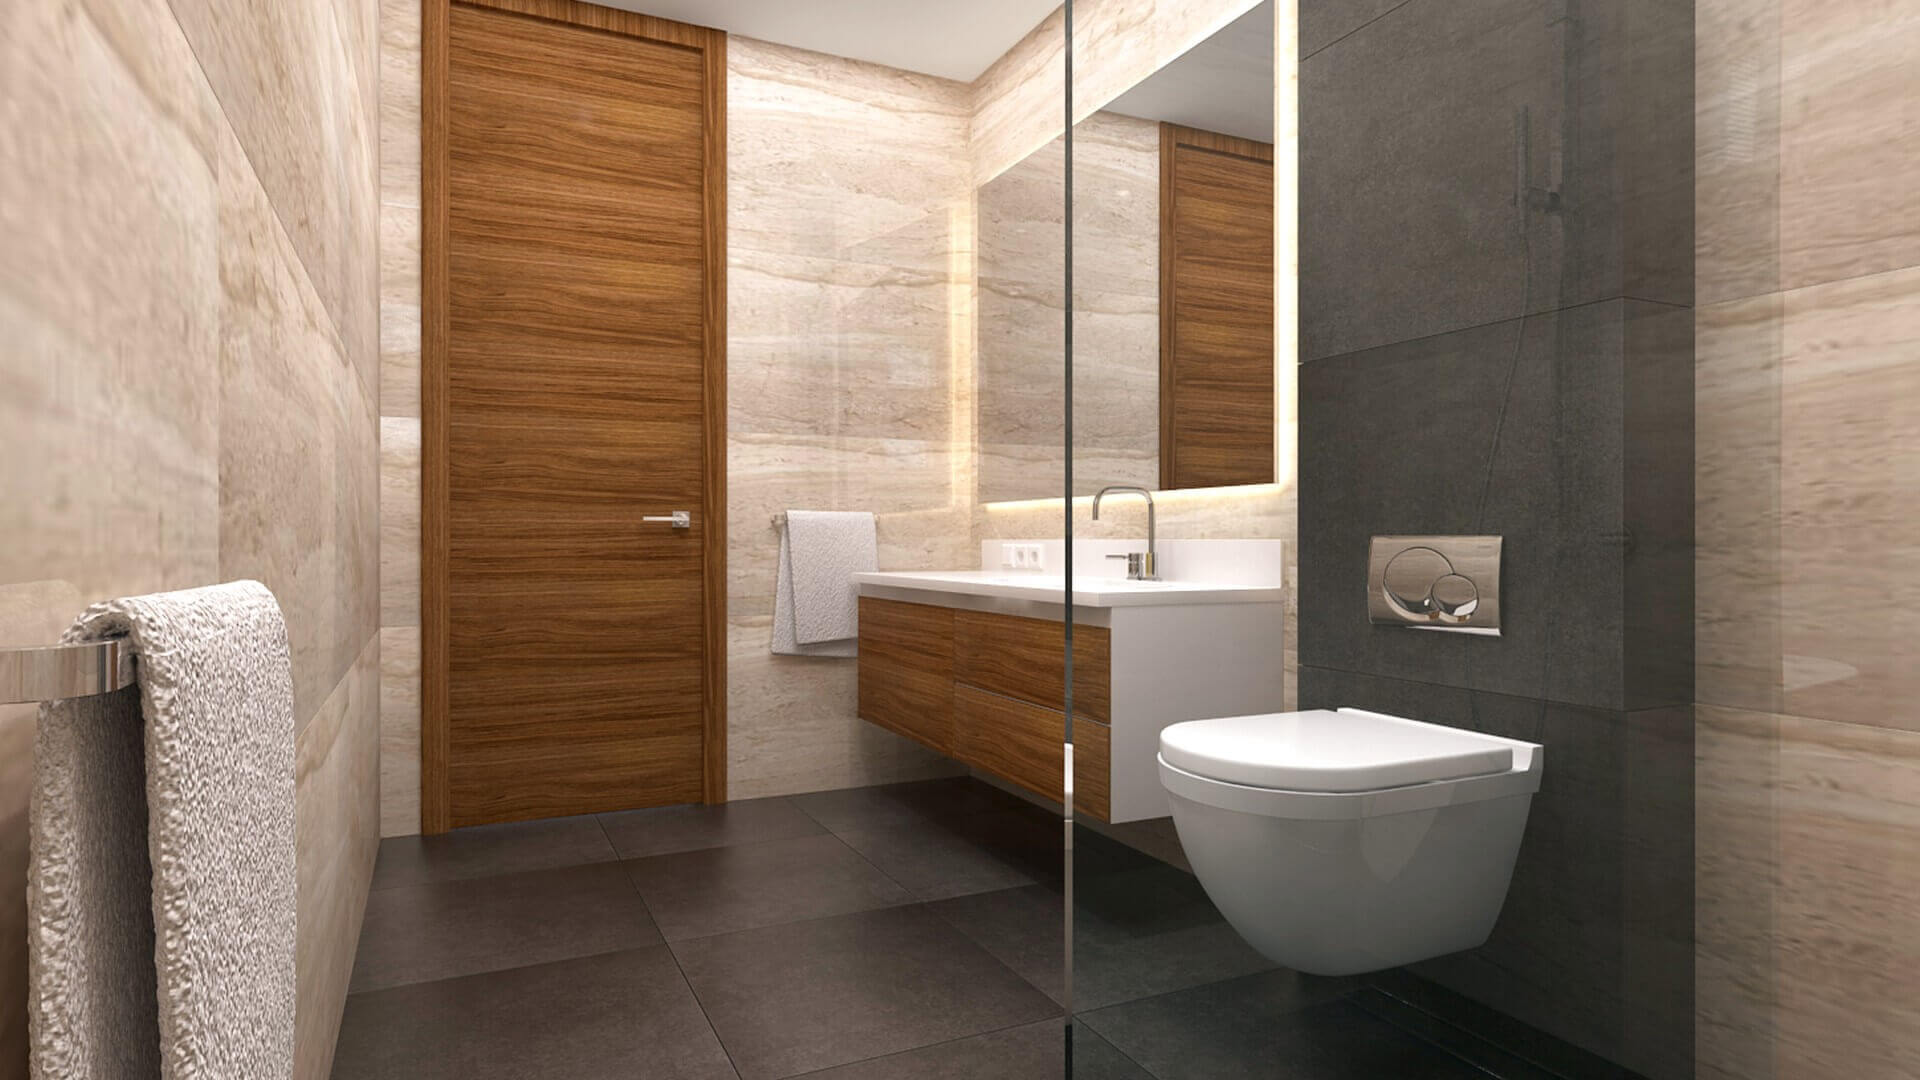 home inspiration 3009 E. Uslu Konutu Residential